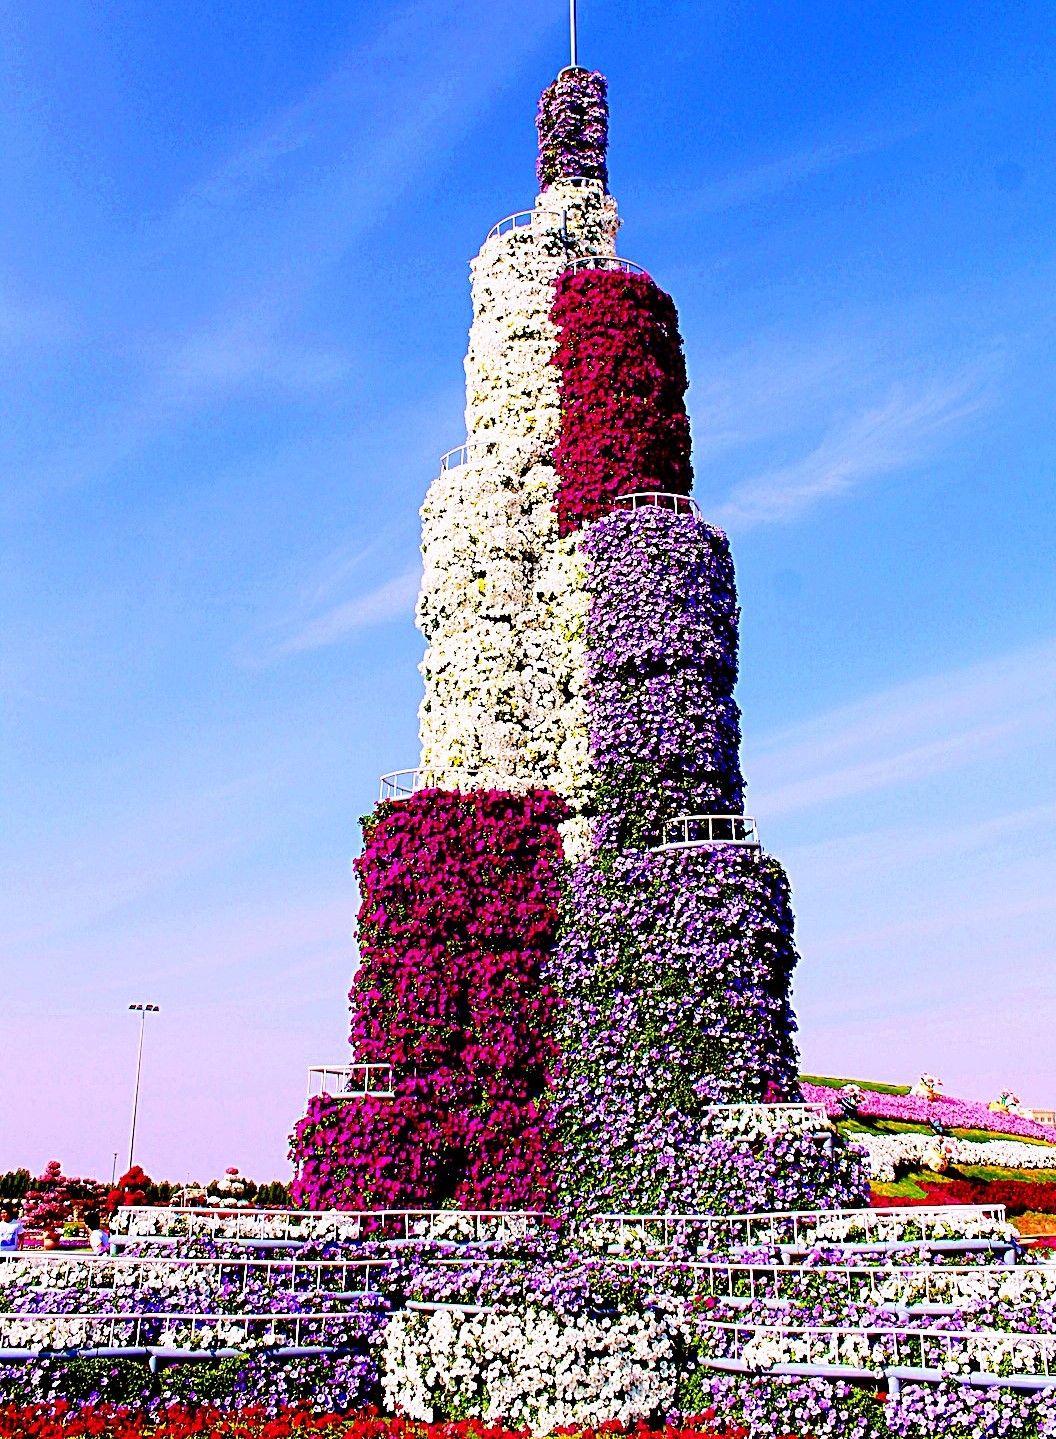 Miracle Garden Dubai in 2020 Miracle garden, Million